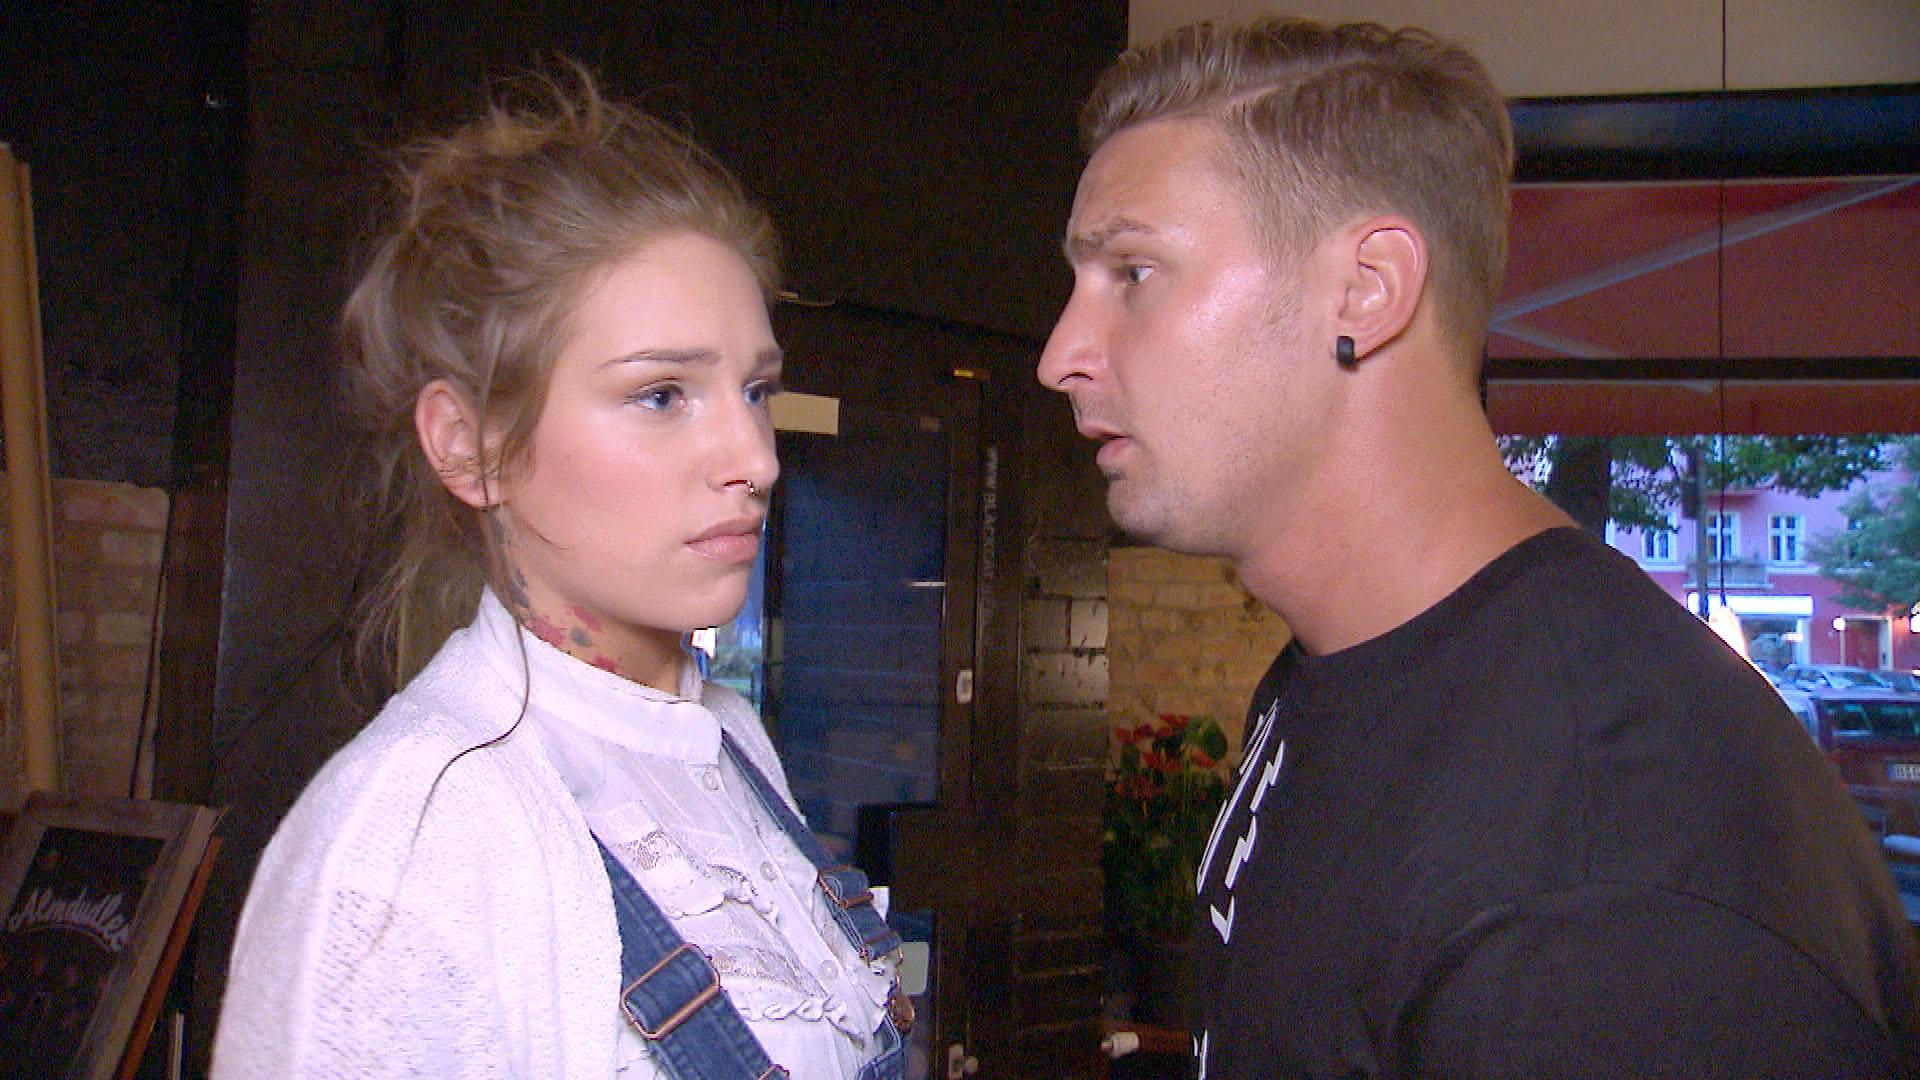 Milla (li.) ist am Boden zerstört, als sie erfährt, dass Caro vorerst nicht nach Berlin zurückkehren wird. Leon (re.) versucht sie zu trösten... (Quelle: RTL 2)